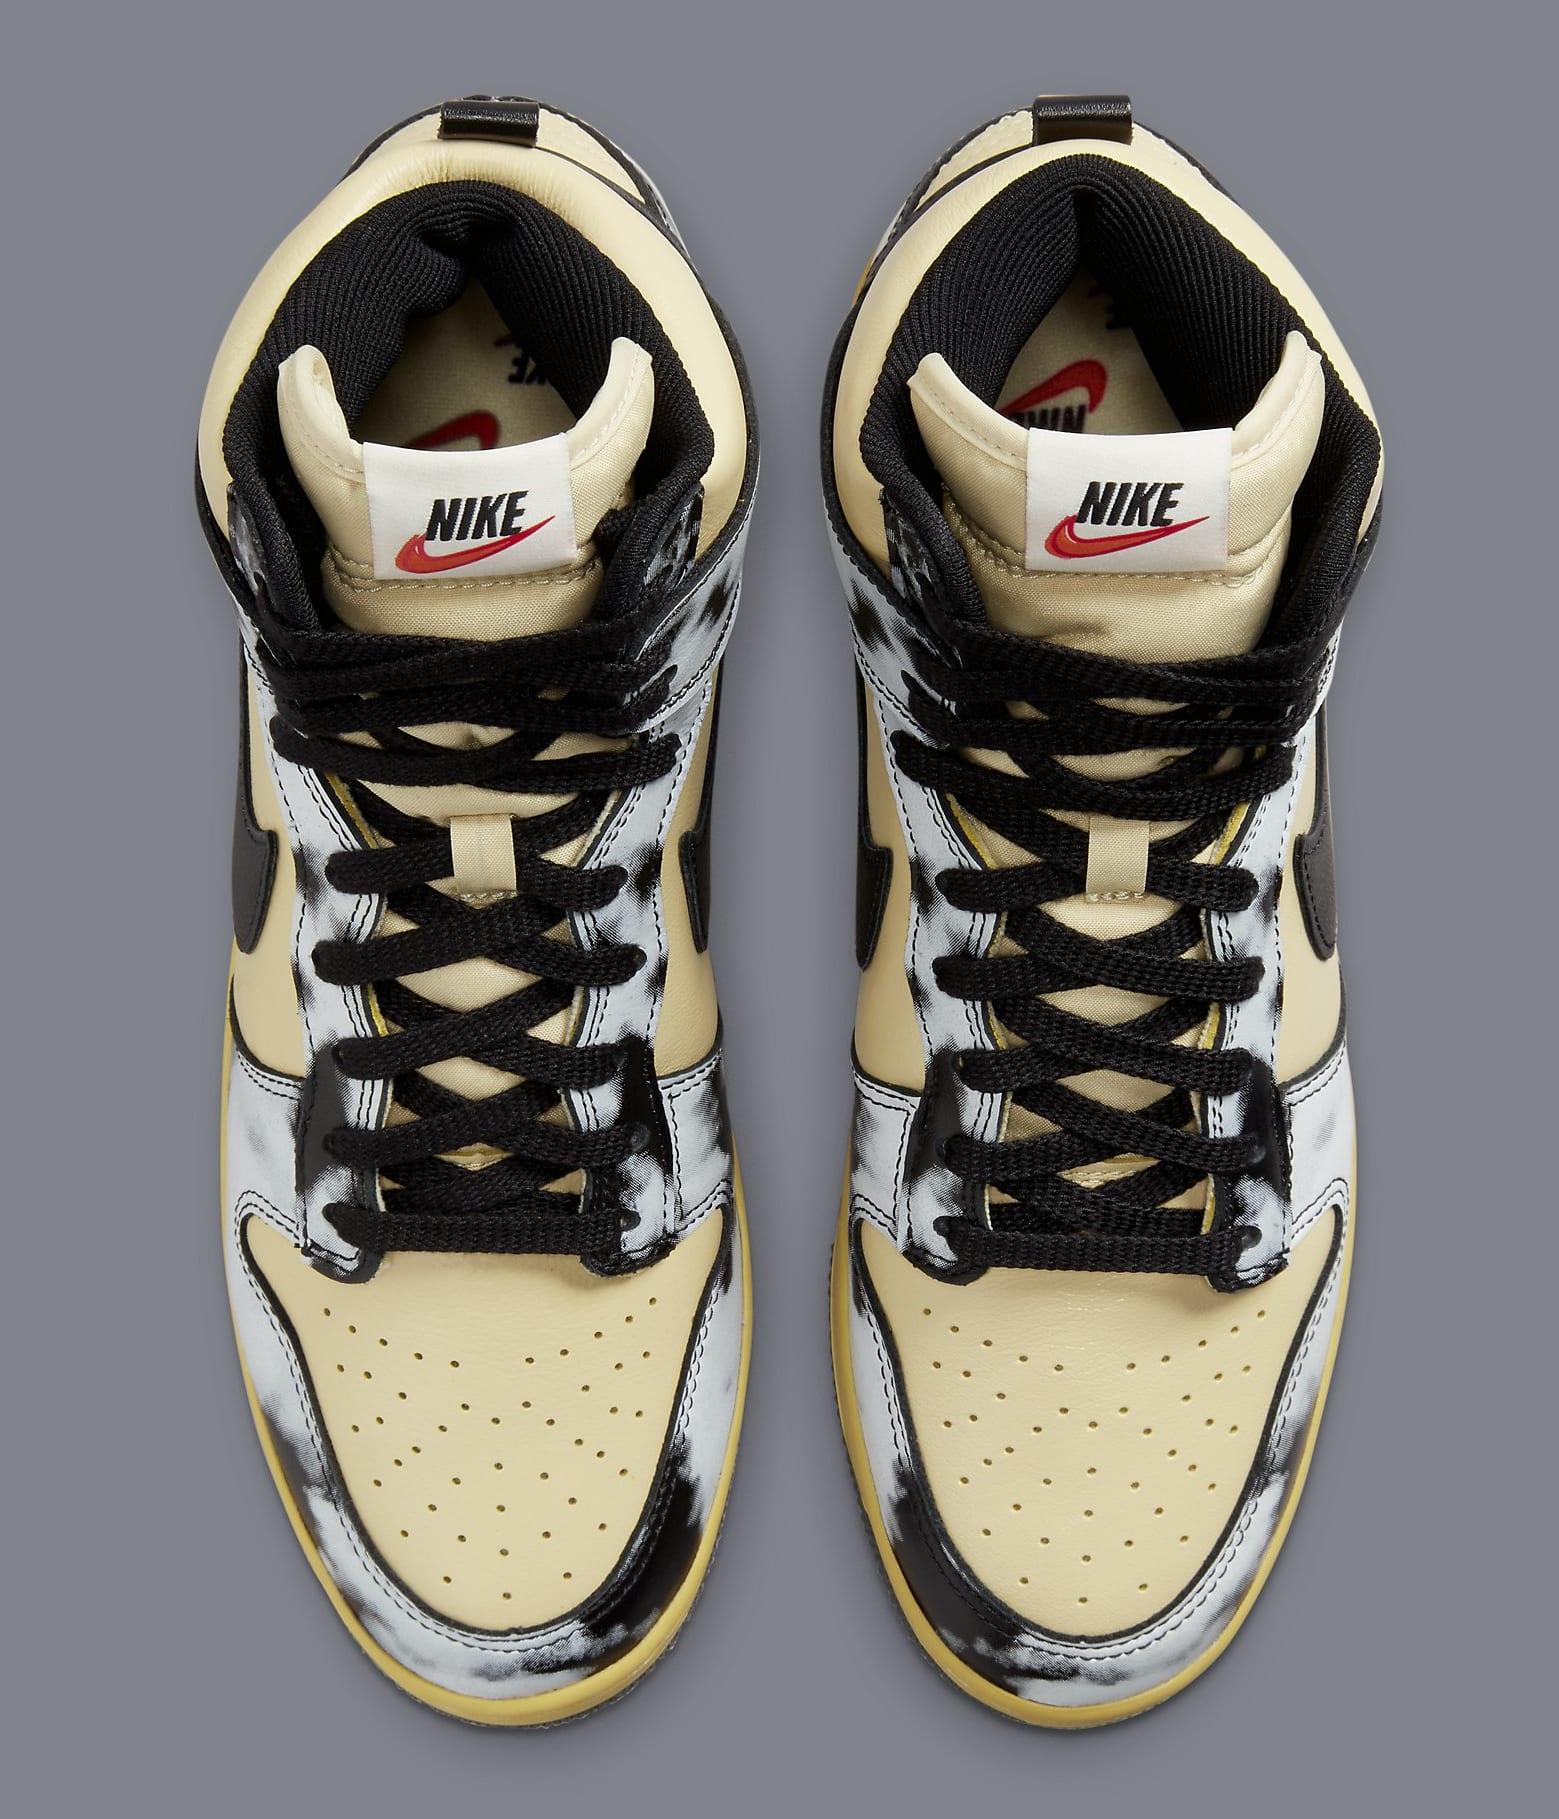 Nike Dunk High 'Acid Wash' DD9404-700 Top